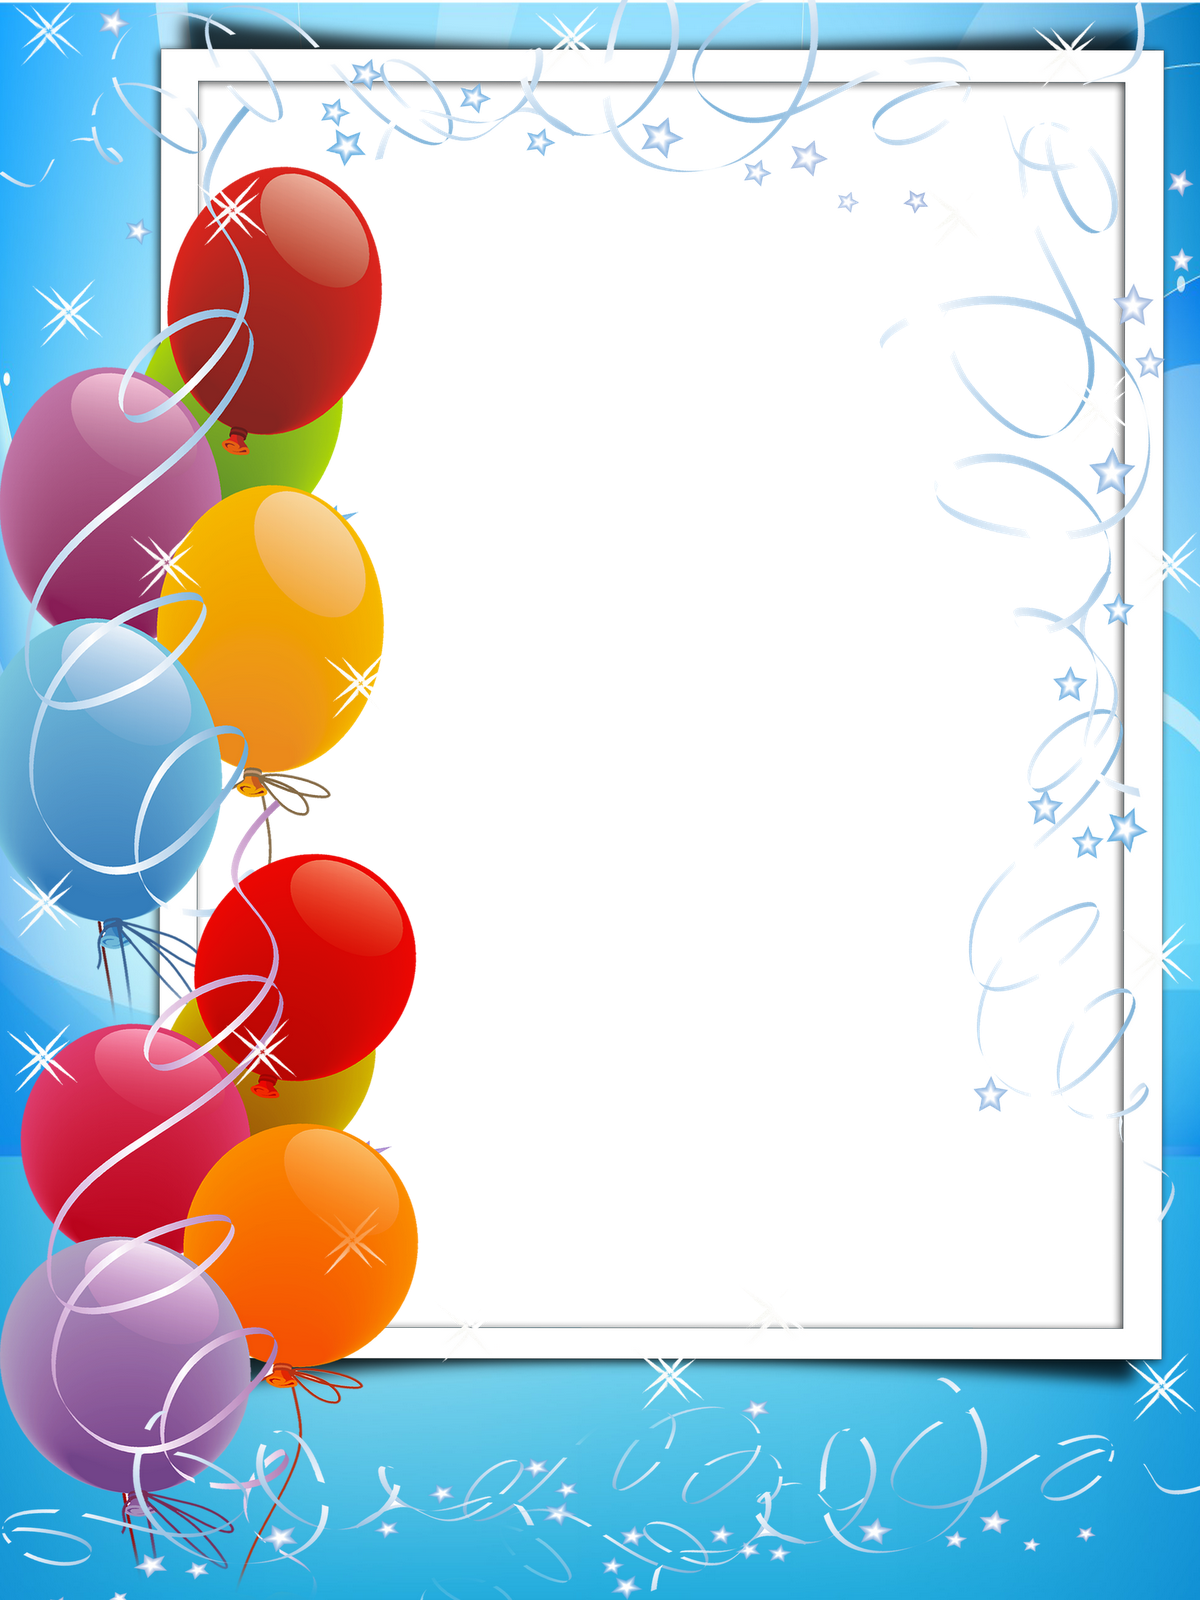 Рамка для поздравления с днем рождения в ворде, надписью иврите